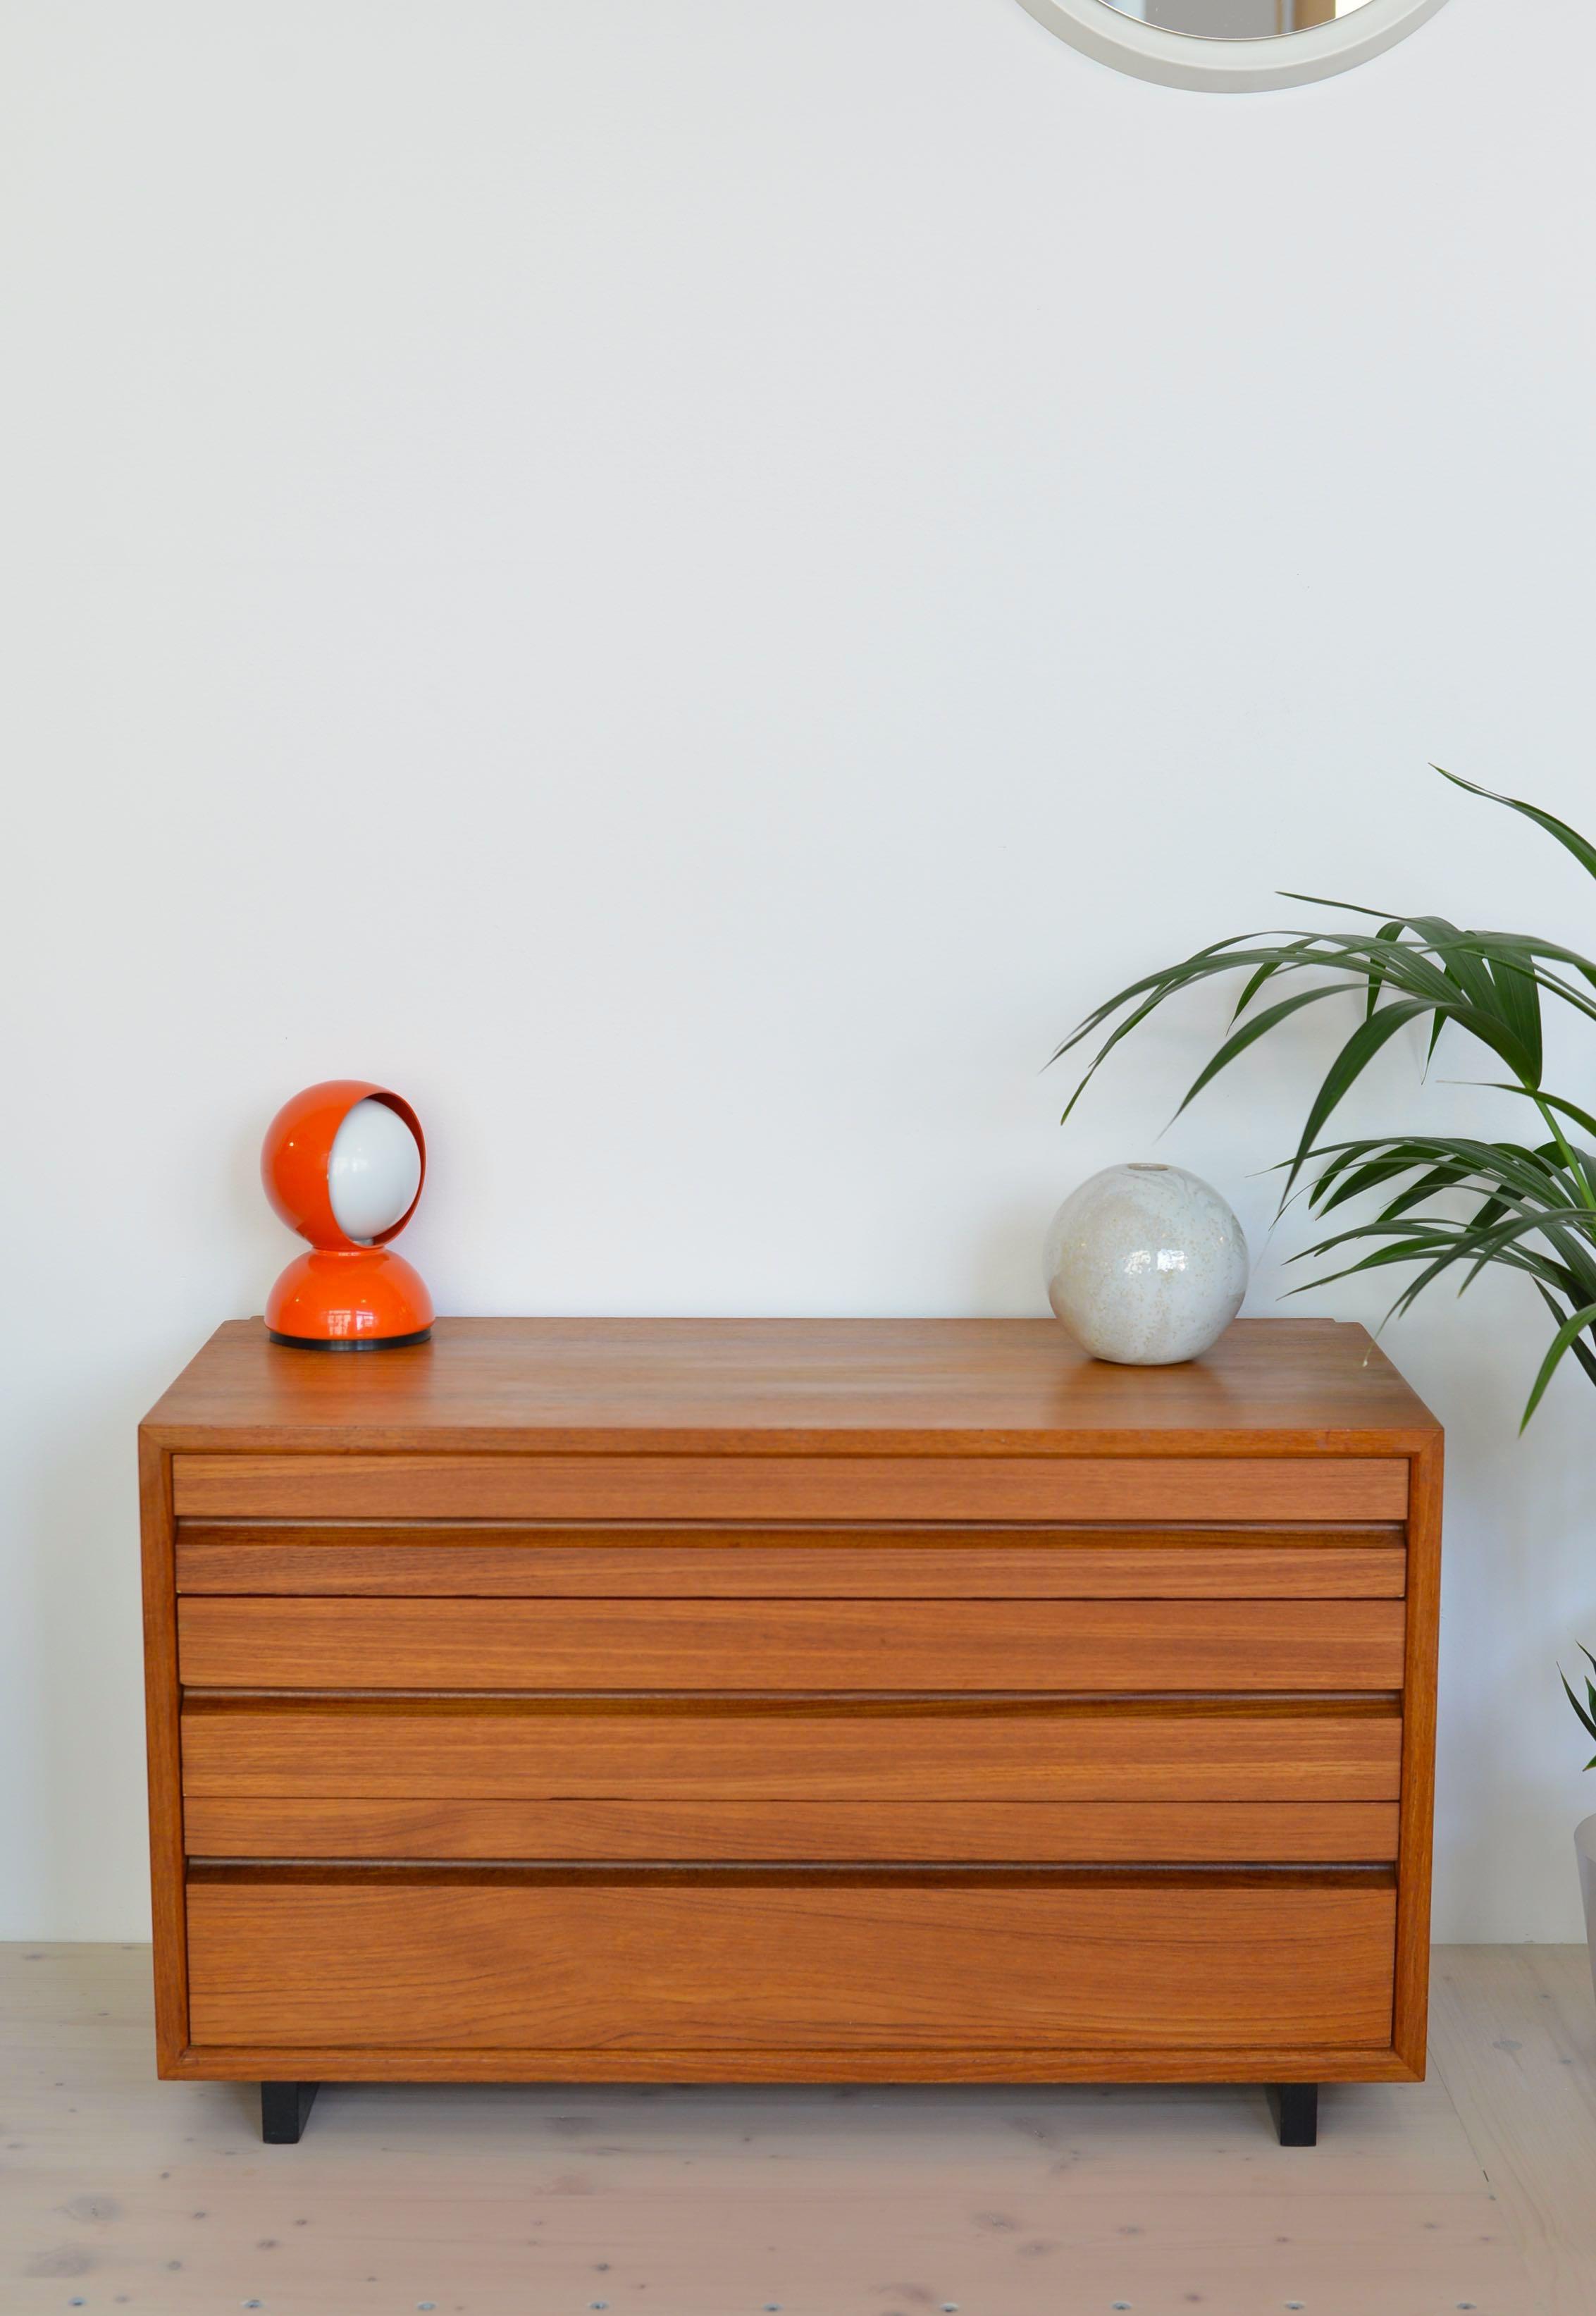 Schön Marvellous Design Kommode Modern Bilder - Schönes Wohnungideen ...